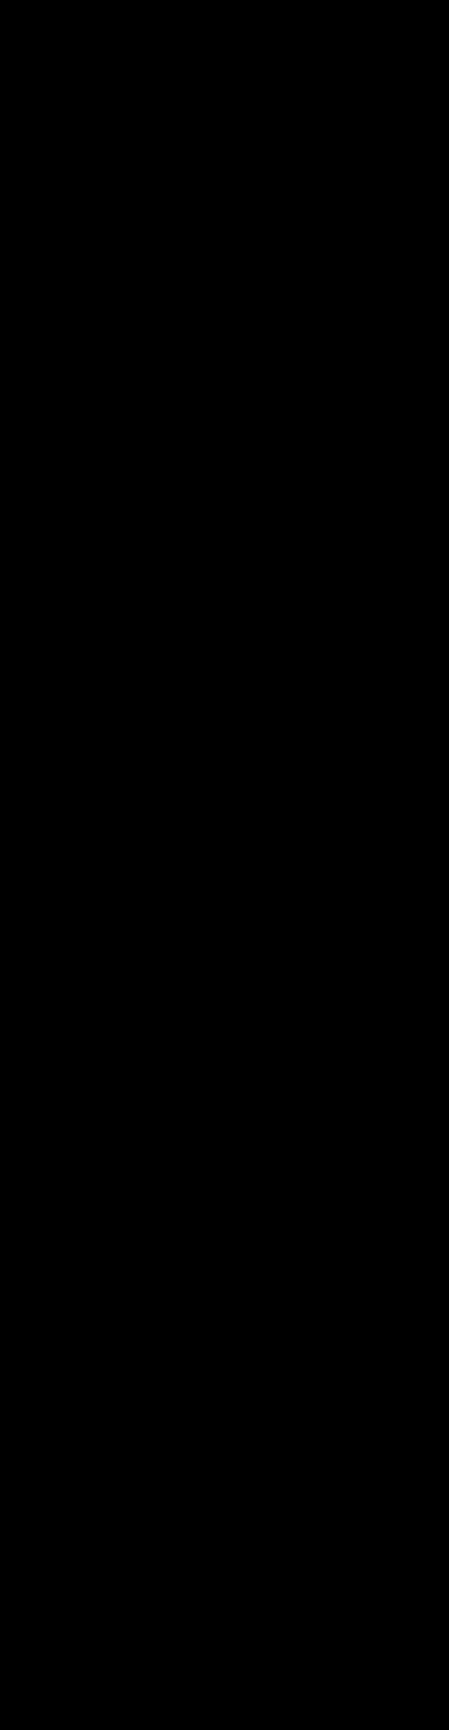 ตารางคอร์ดกีต้าร์ คอร์ดกีตาร์พื้นฐาน เพลง อองซานซูจี